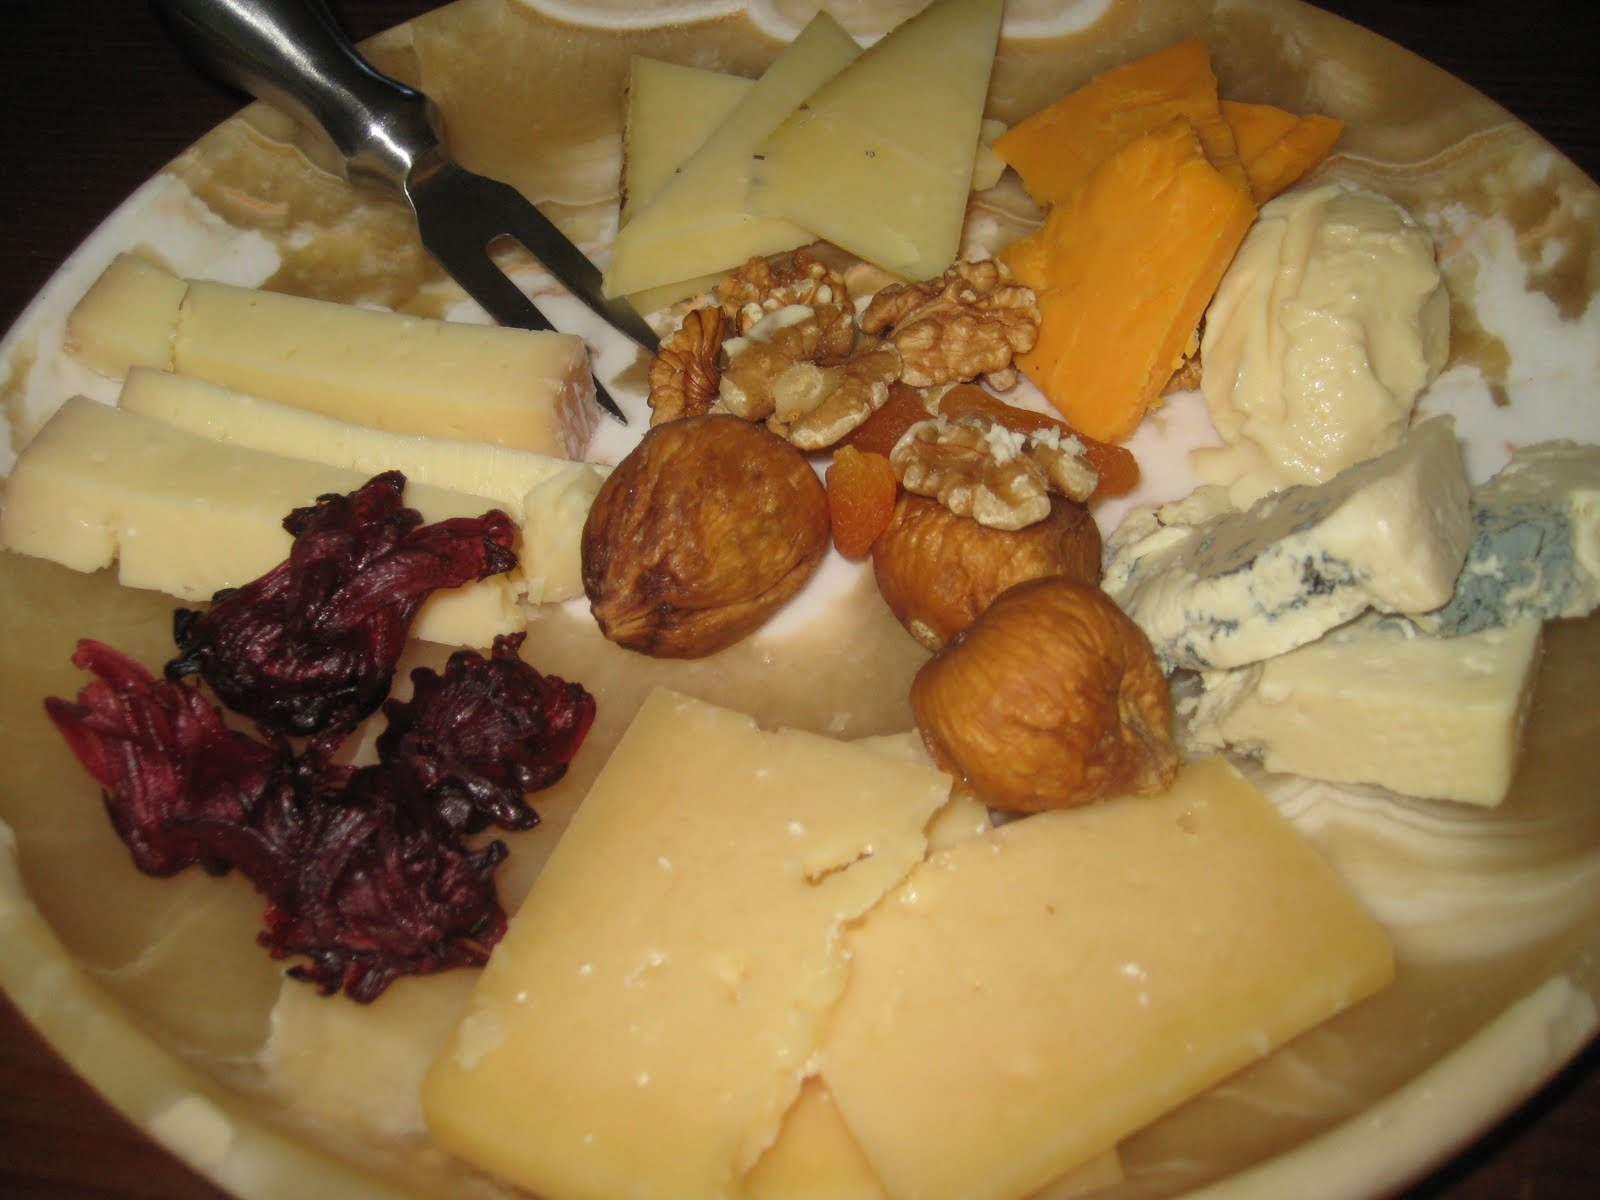 http://1.bp.blogspot.com/_sM_lwCXjgUw/TF2F69iyG7I/AAAAAAAAASg/mPRoCV68L_8/s1600/BLOG+cheese.jpg